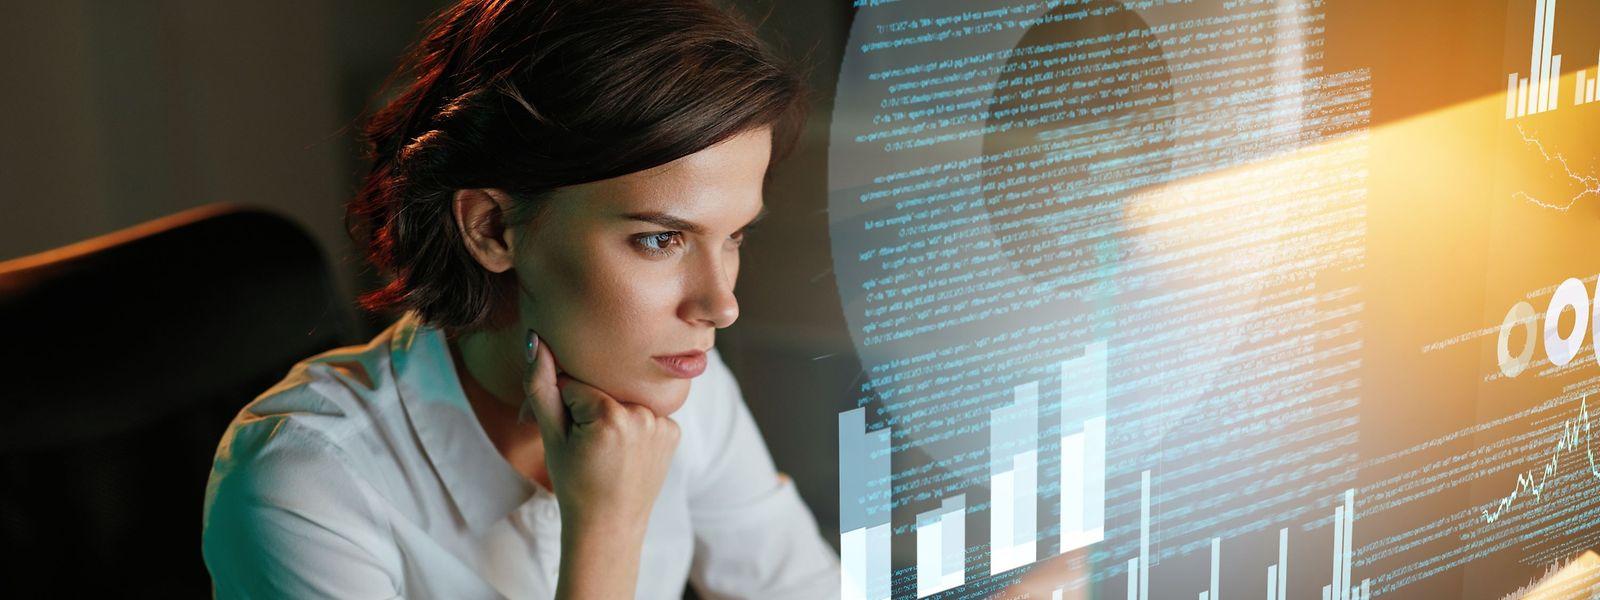 Selon le Statec, le secteur des nouvelles technologies n'emploie que 14,5% de femmes au Luxembourg